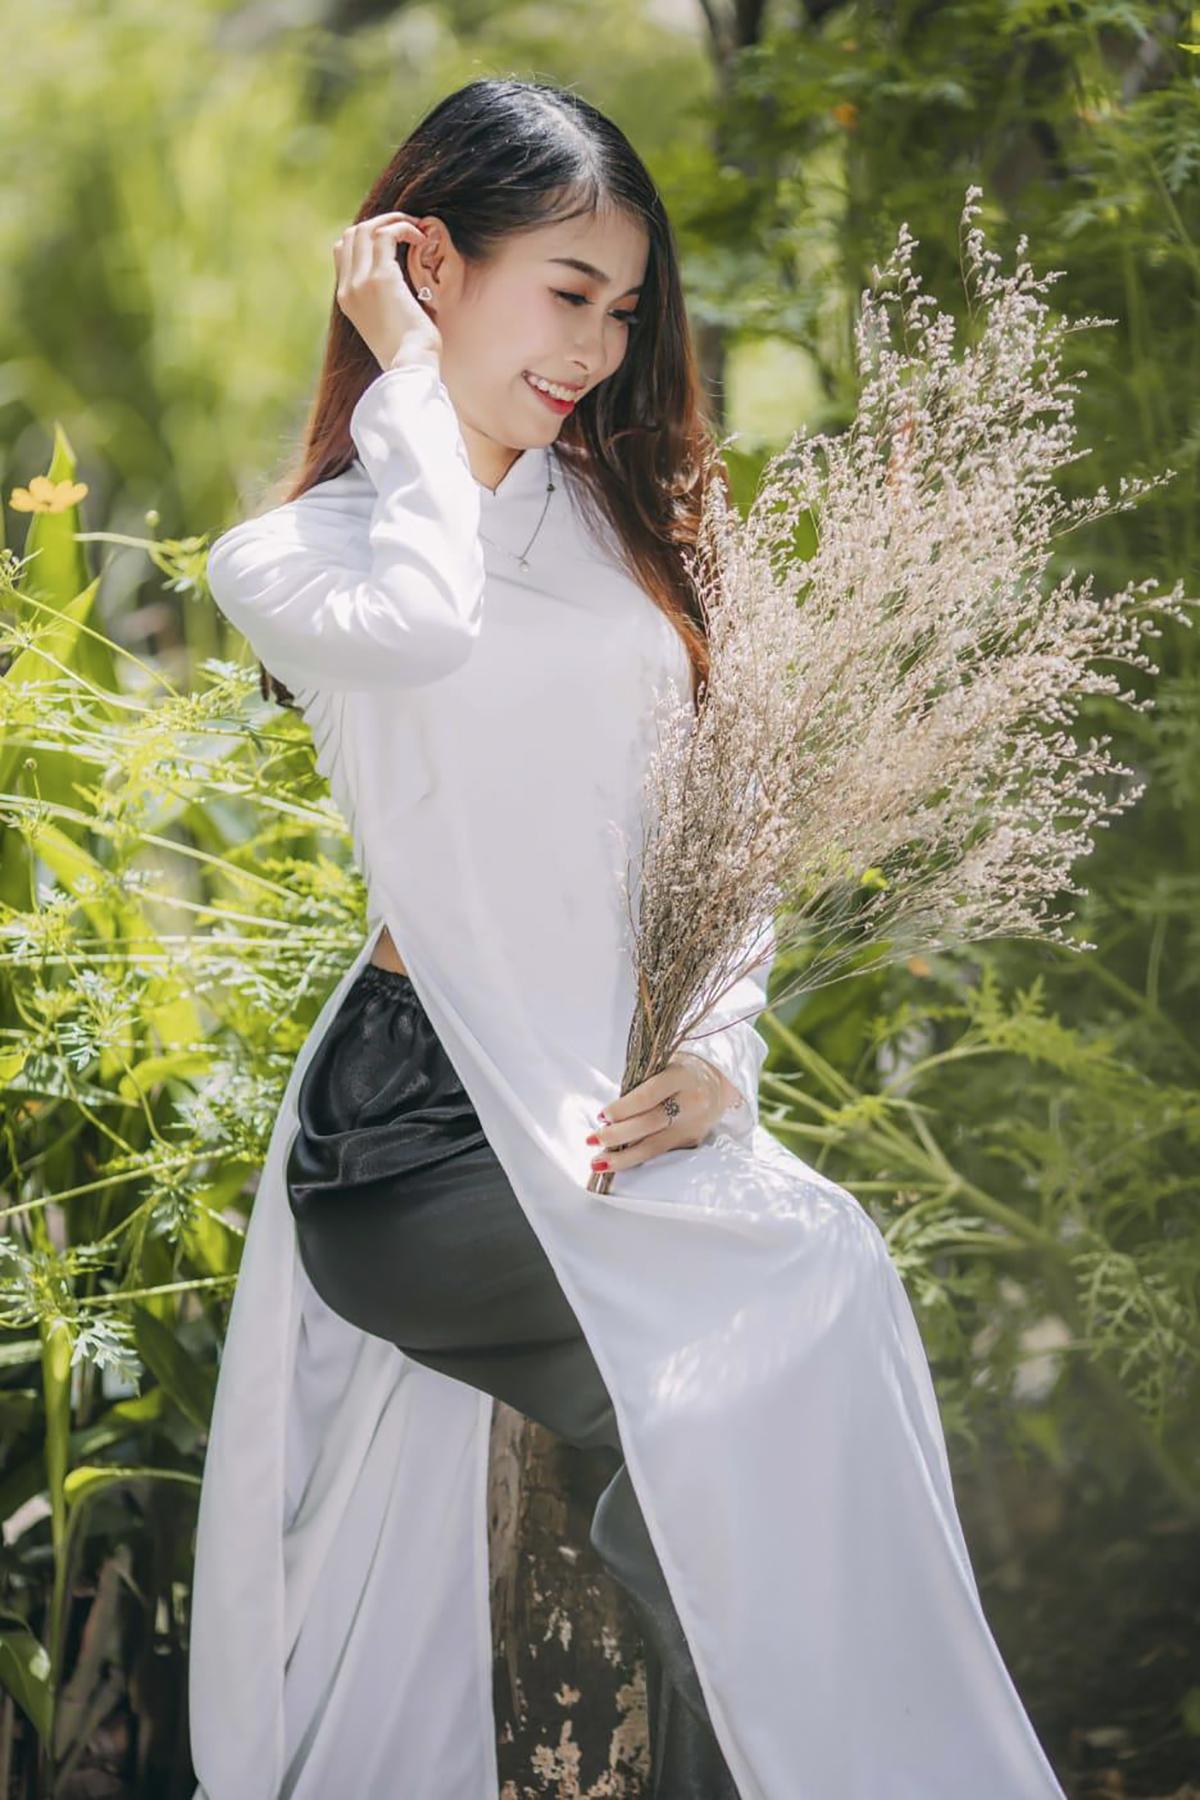 """Cuộc thi ảnh đẹp mang tên """"Nàng bông F-Town"""" do Ban Văn hóa - Đoàn thể FPT Software HCM tổ chức, nhằm truyền tải thông điệp: """"Đã sinh ra là phụ nữ, nhất định phải sống rực rỡ như những đóa hoa. Người khác có thể không nhận ra vẻ đẹp của bạn, nhưng bạn chắc chắn phải nhận ra vẻ đẹp của chính mình"""". Đây là hoạt động thường niên nhà Phần mềm phía Nam tổ chức chào mừng ngày Phụ nữ Việt Nam 20/10."""